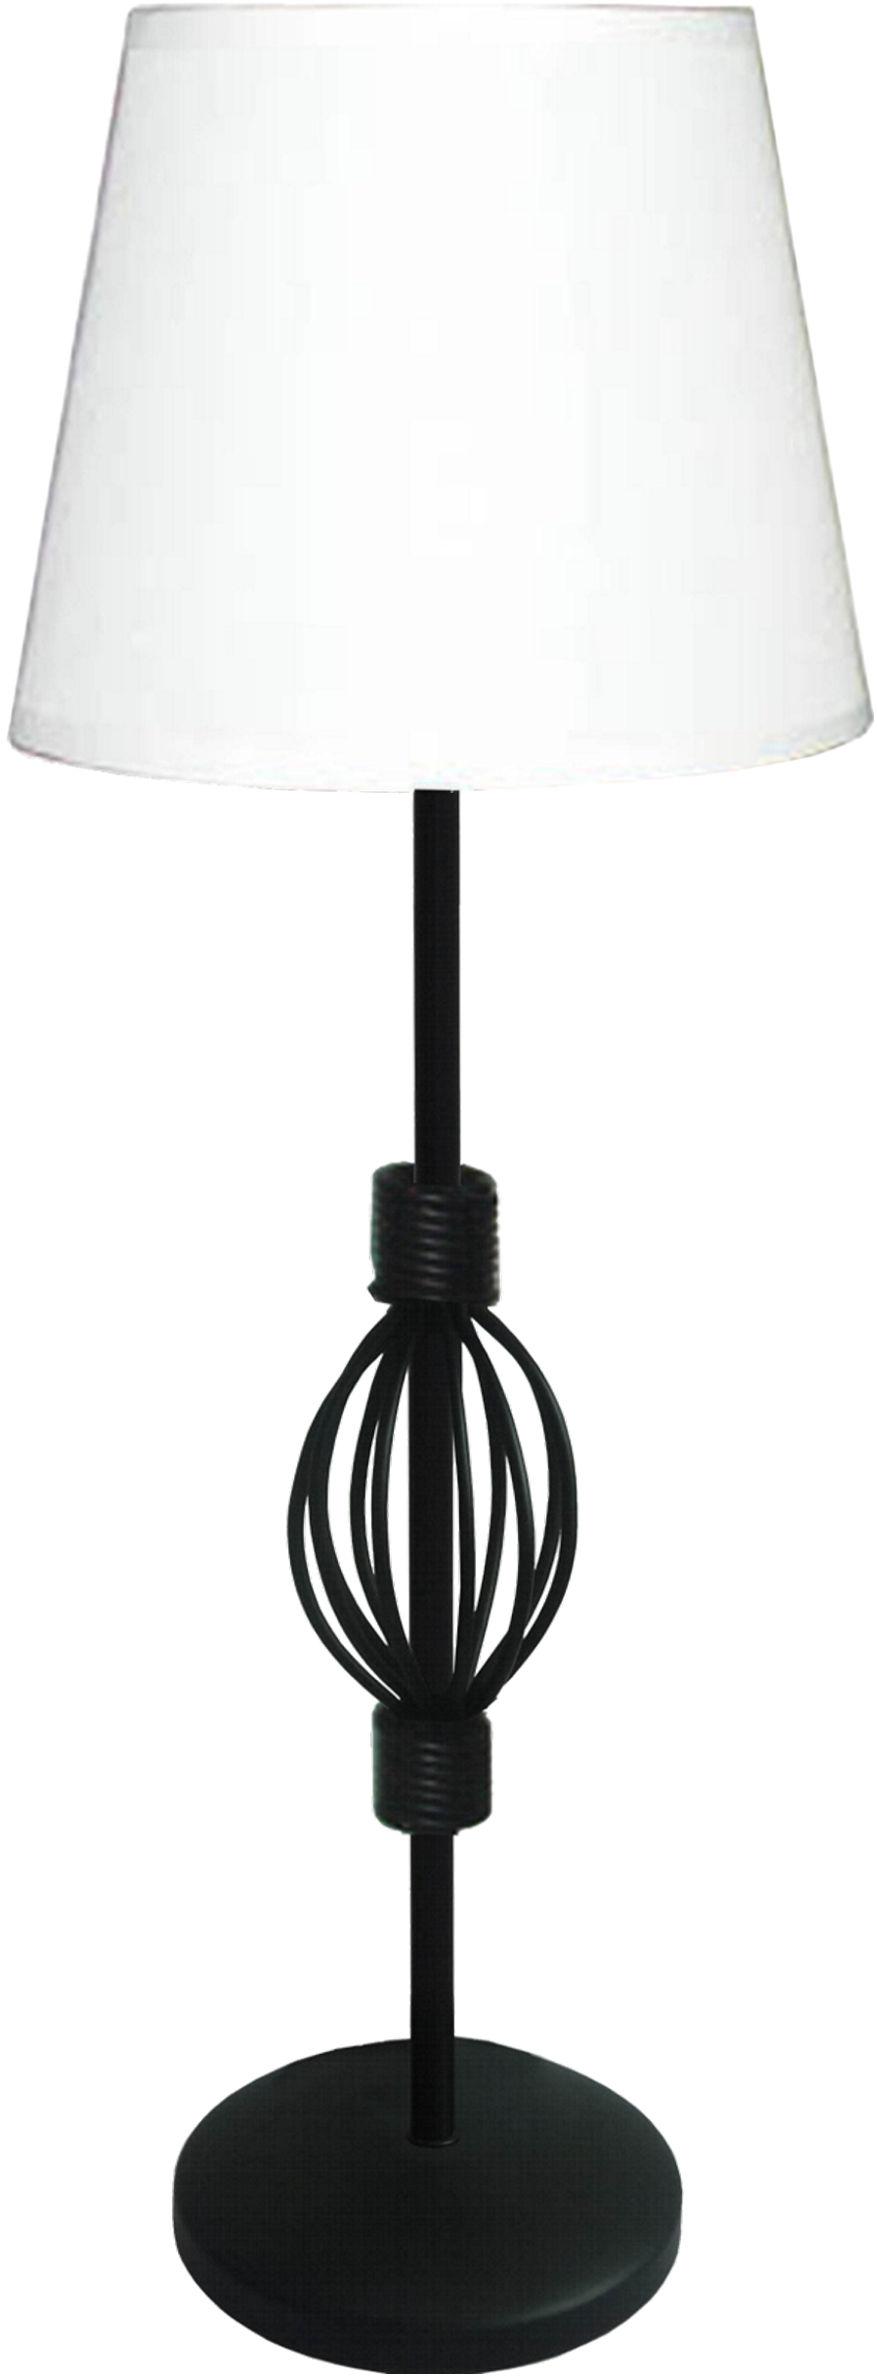 Candellux ROSETTE 1 41-96978 lampa stołowa abażur tkanina biała + rozeta dekoracyjna 1X40W E14 18 cm